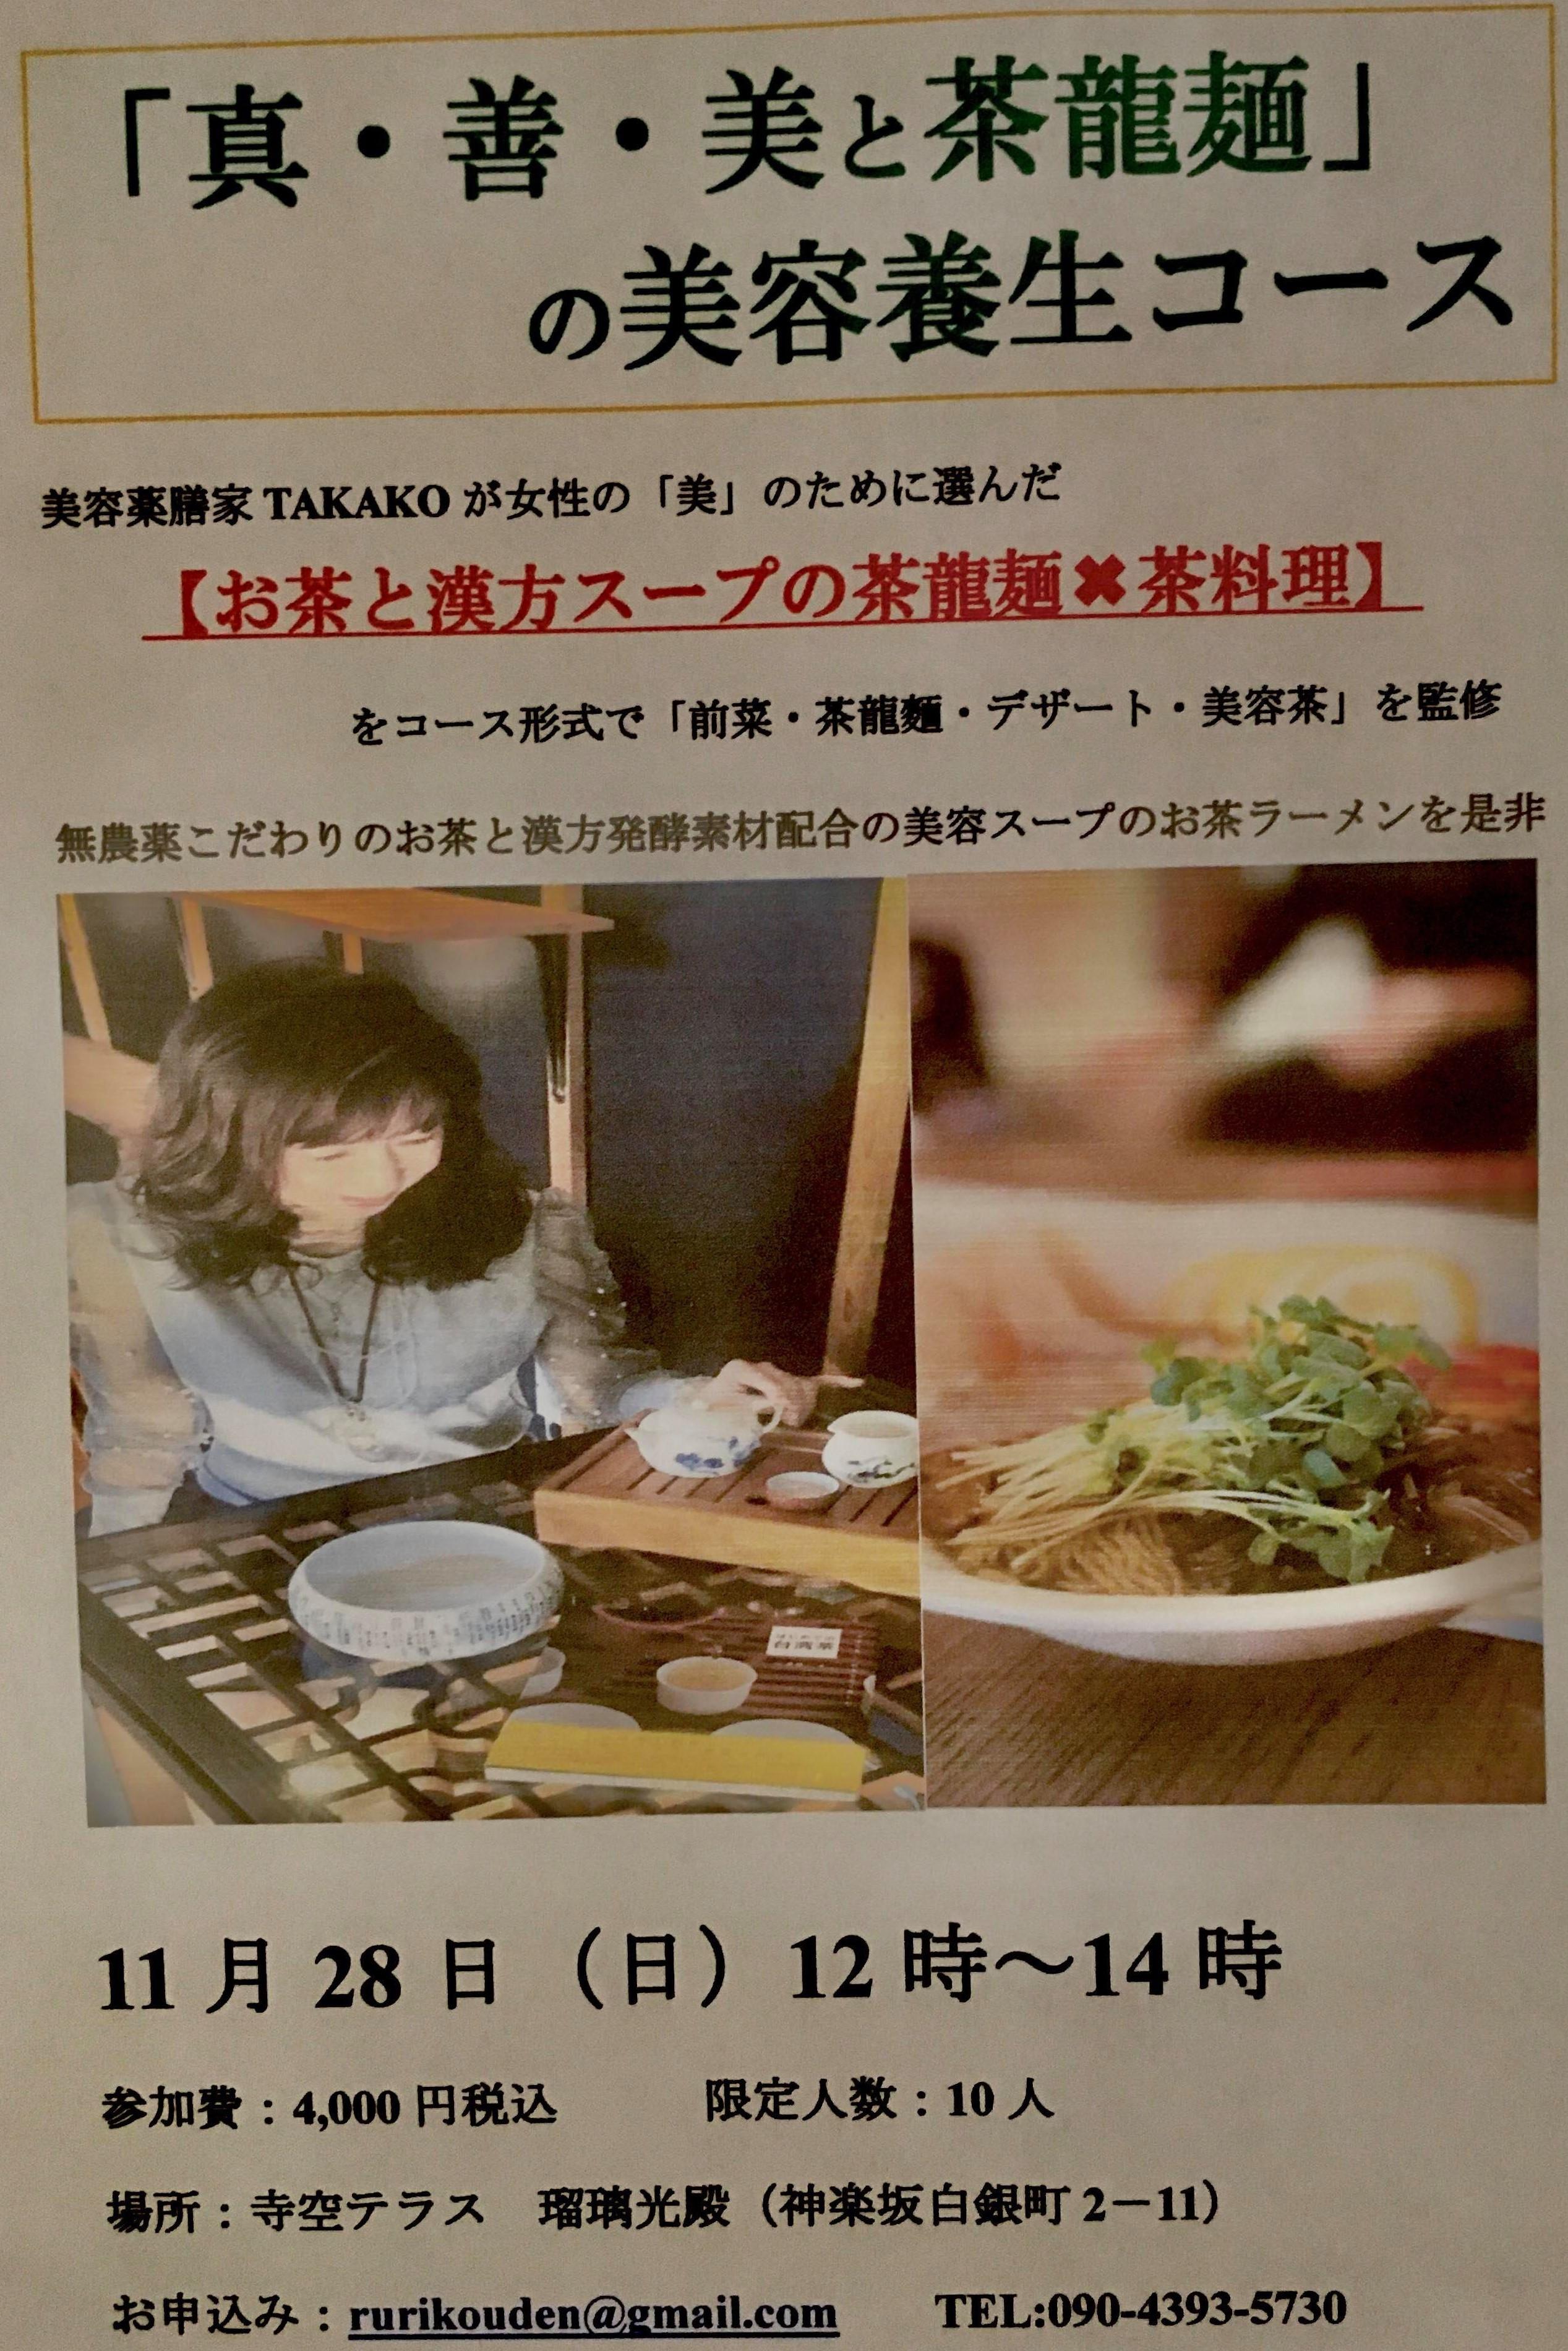 11月28日(日) 茶龍麺ミニコースランチ会